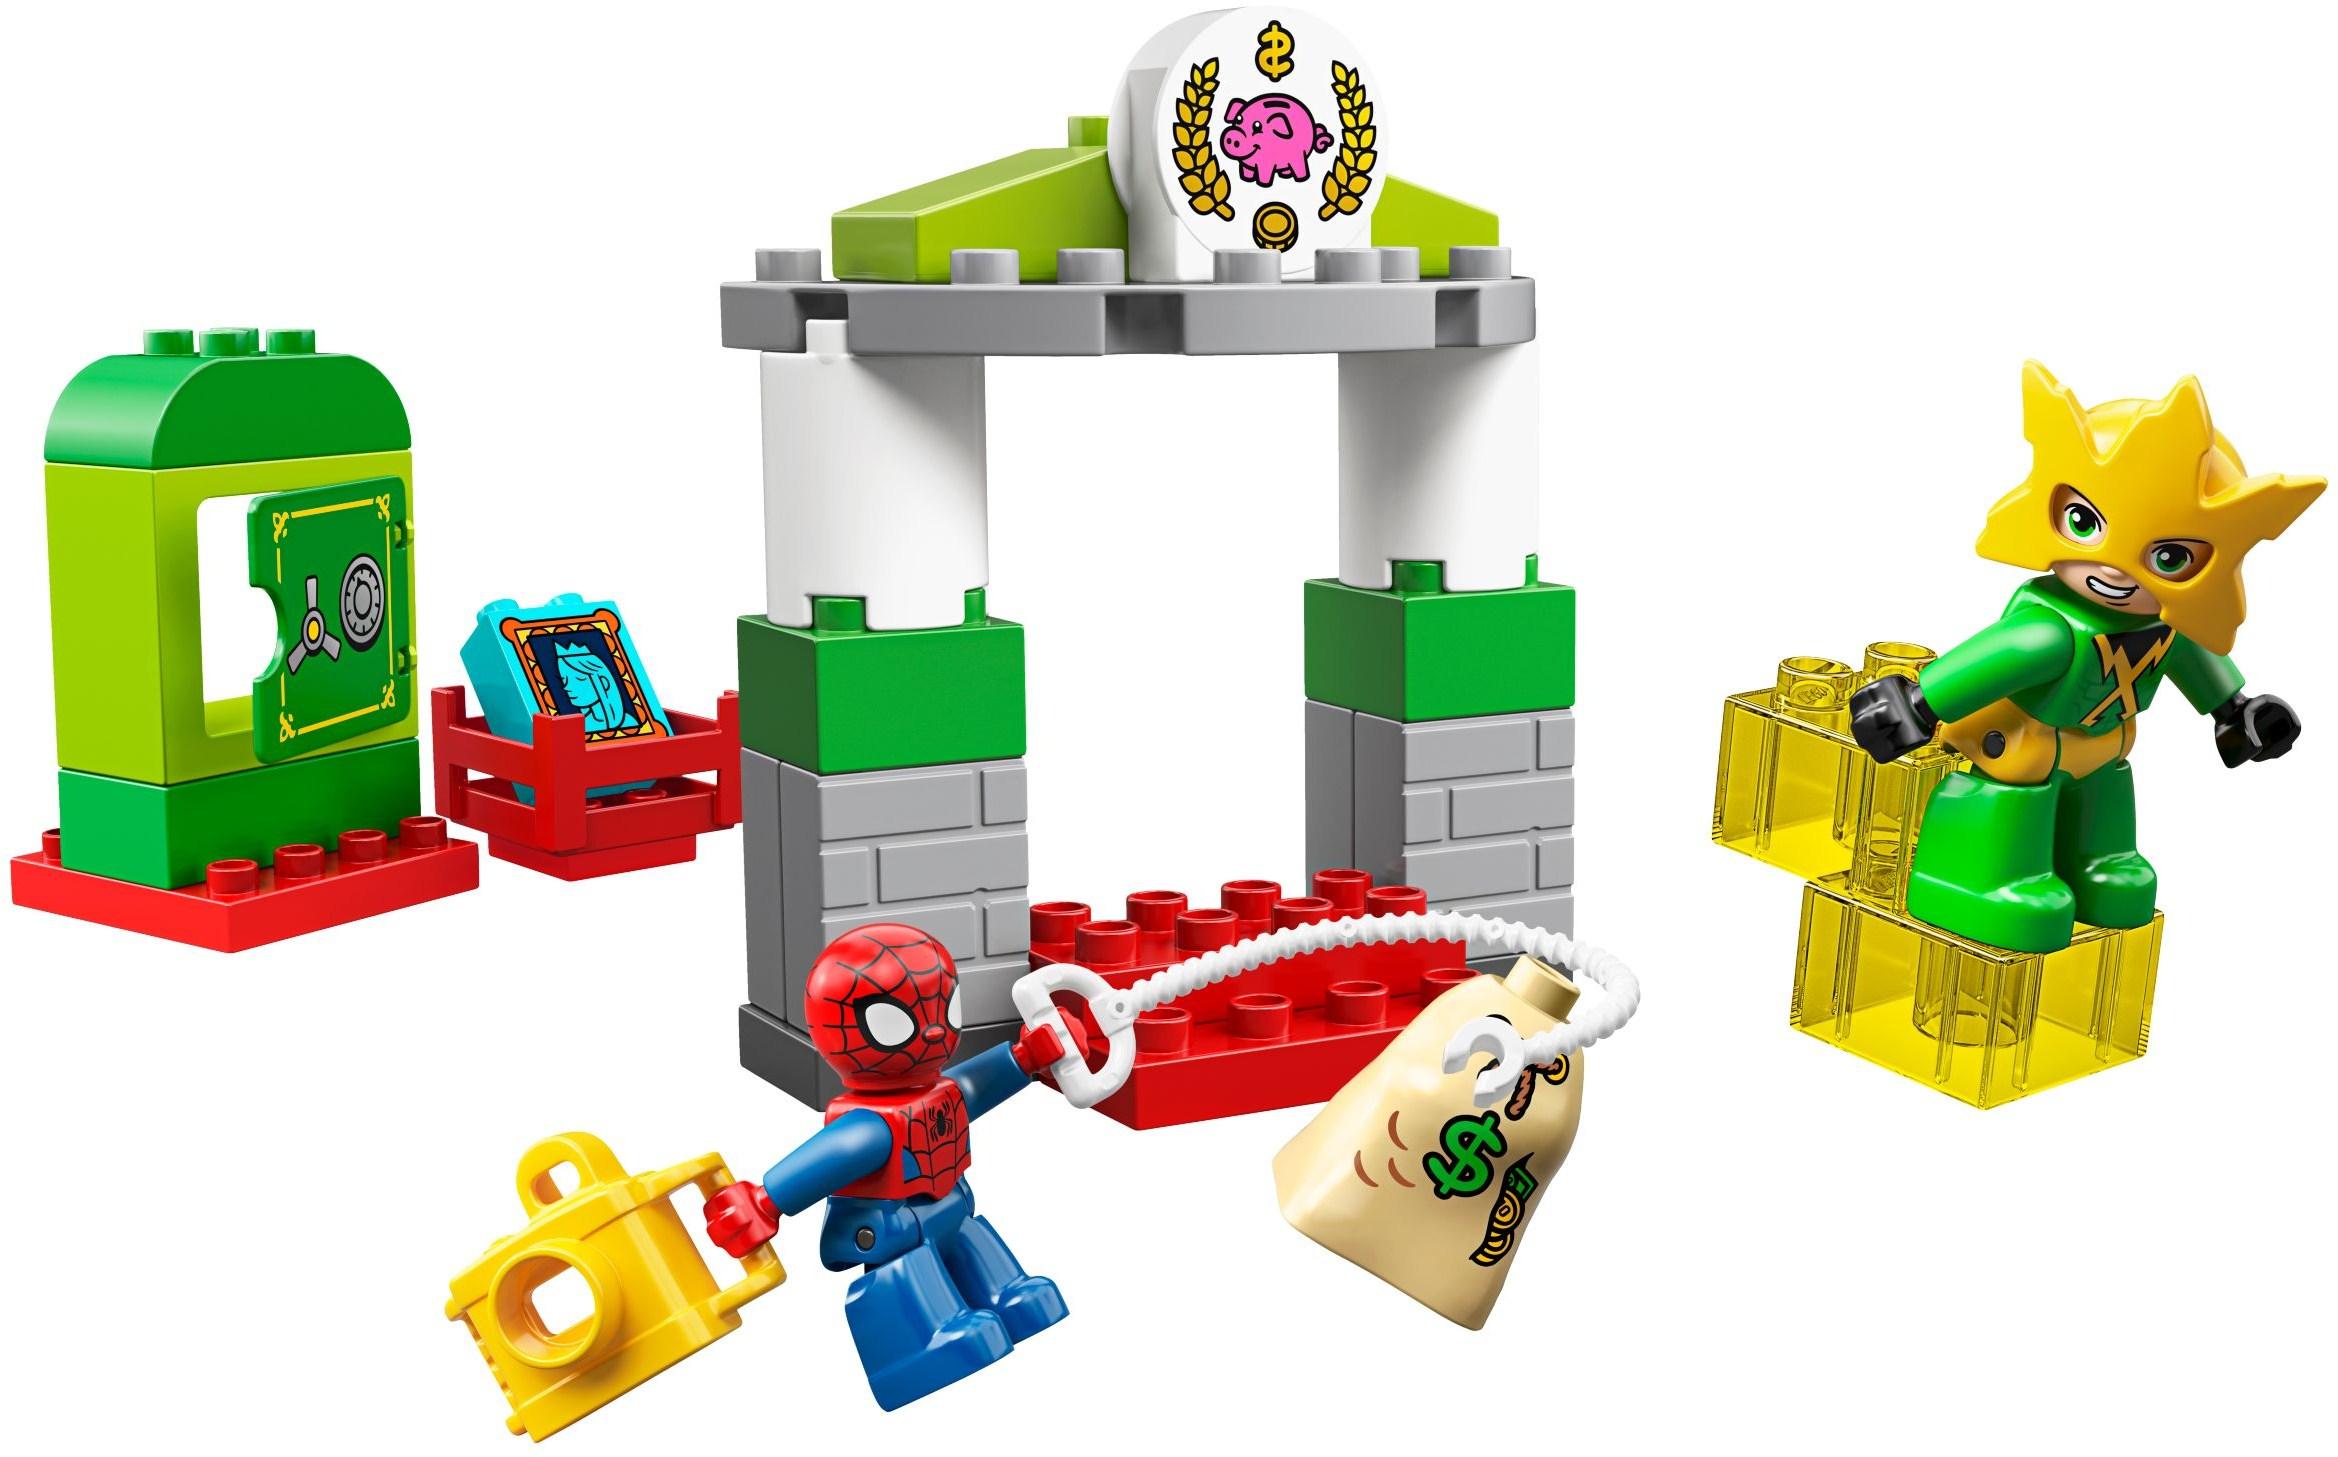 2019 Brickset Lego Set Guide And Database